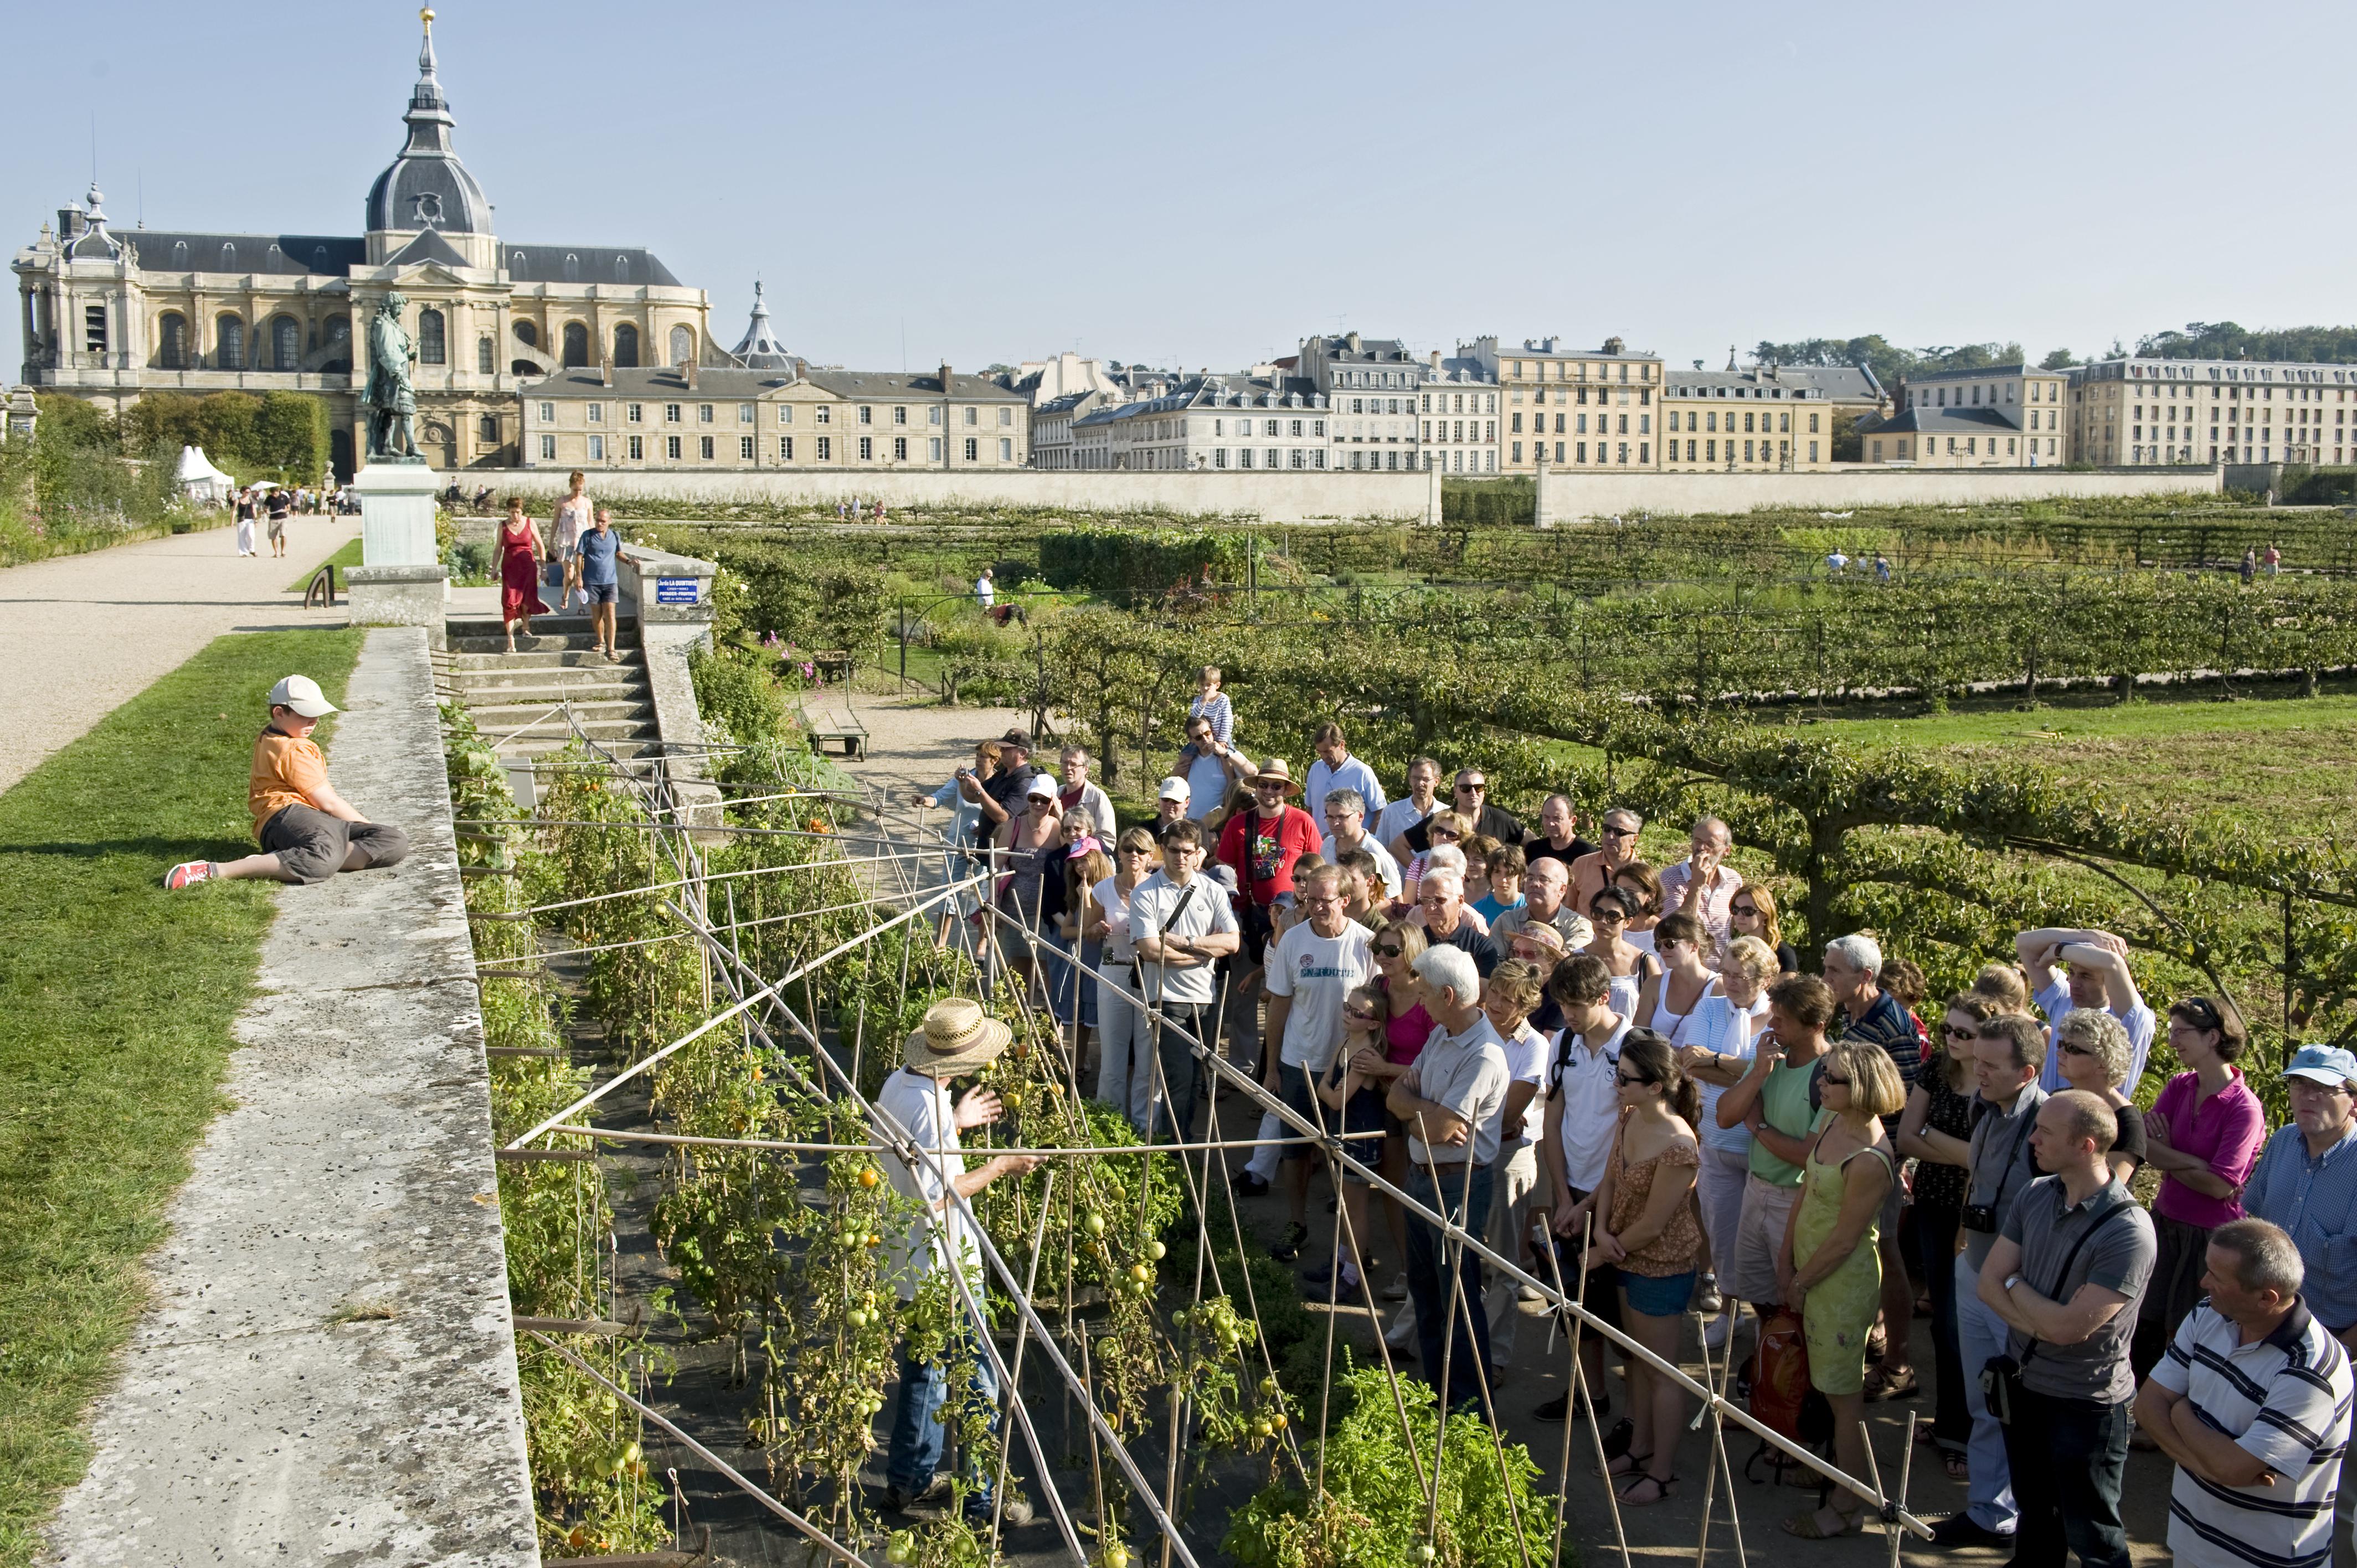 Visite du Potager du Roi%252C Versailles 2011. Visite du Potager du Roi%252C Versailles 2011.